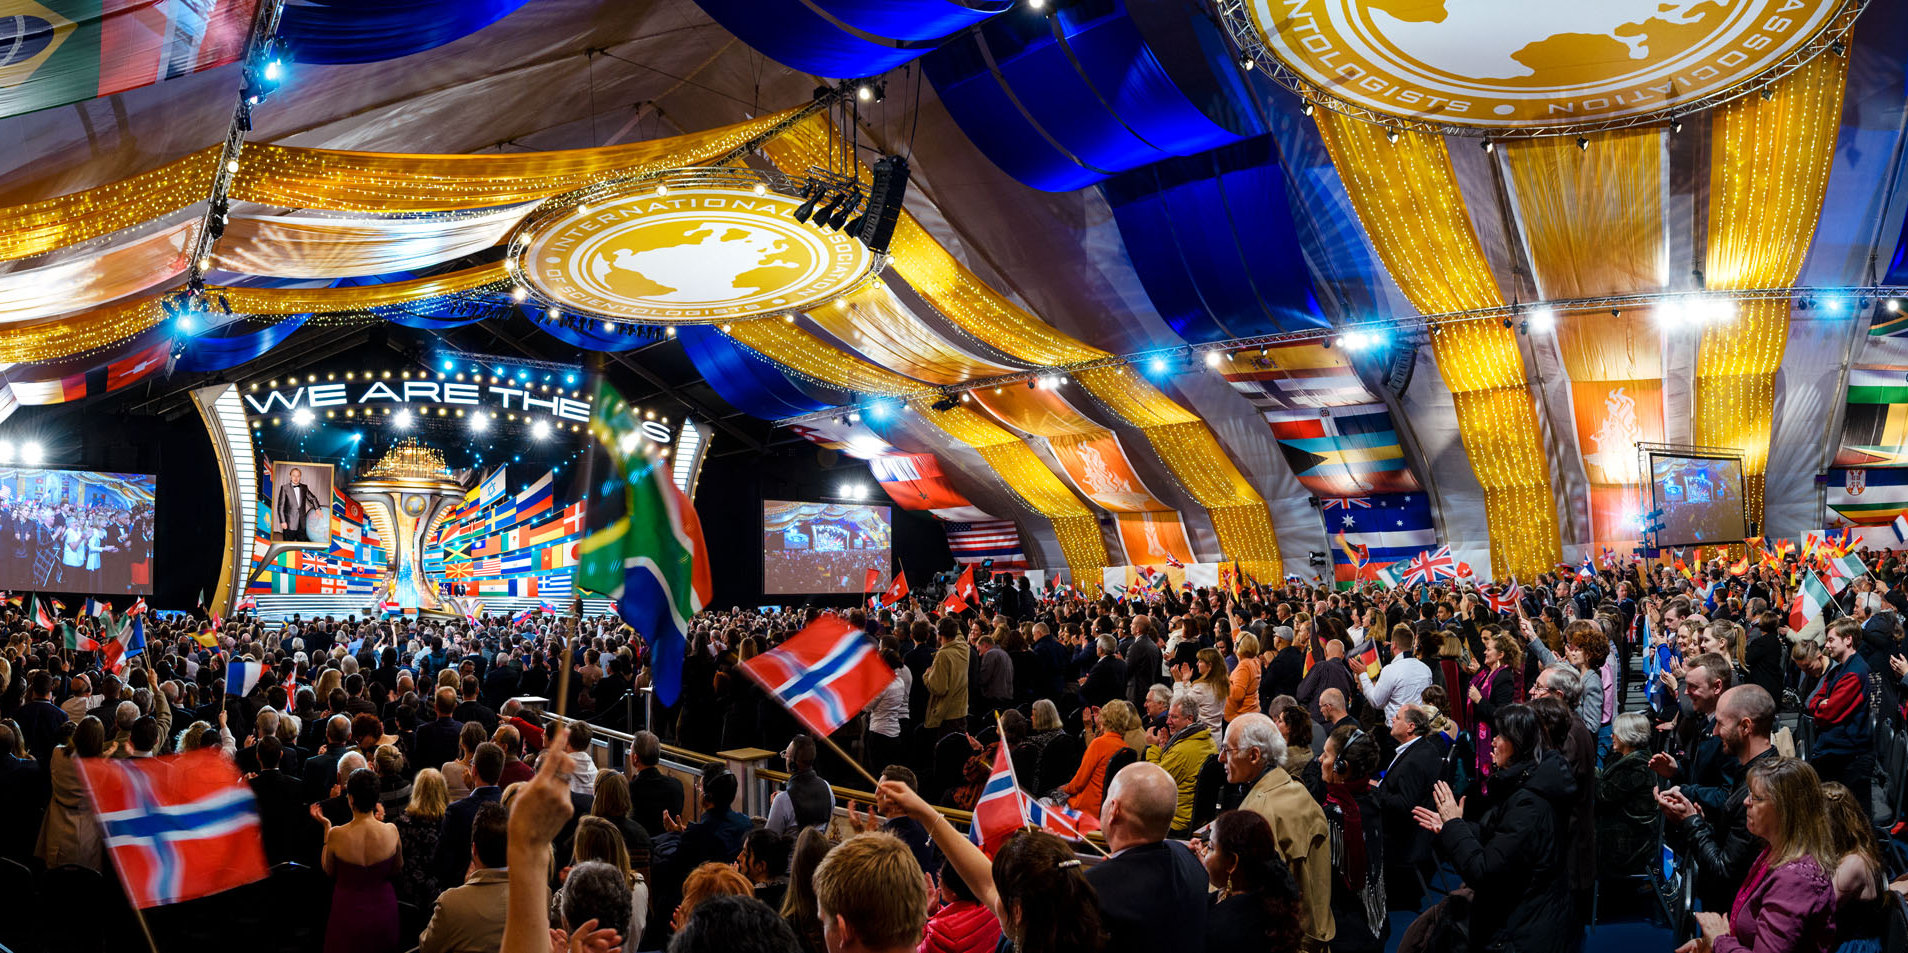 L'anniversaire de l'Association internationale des Scientologues